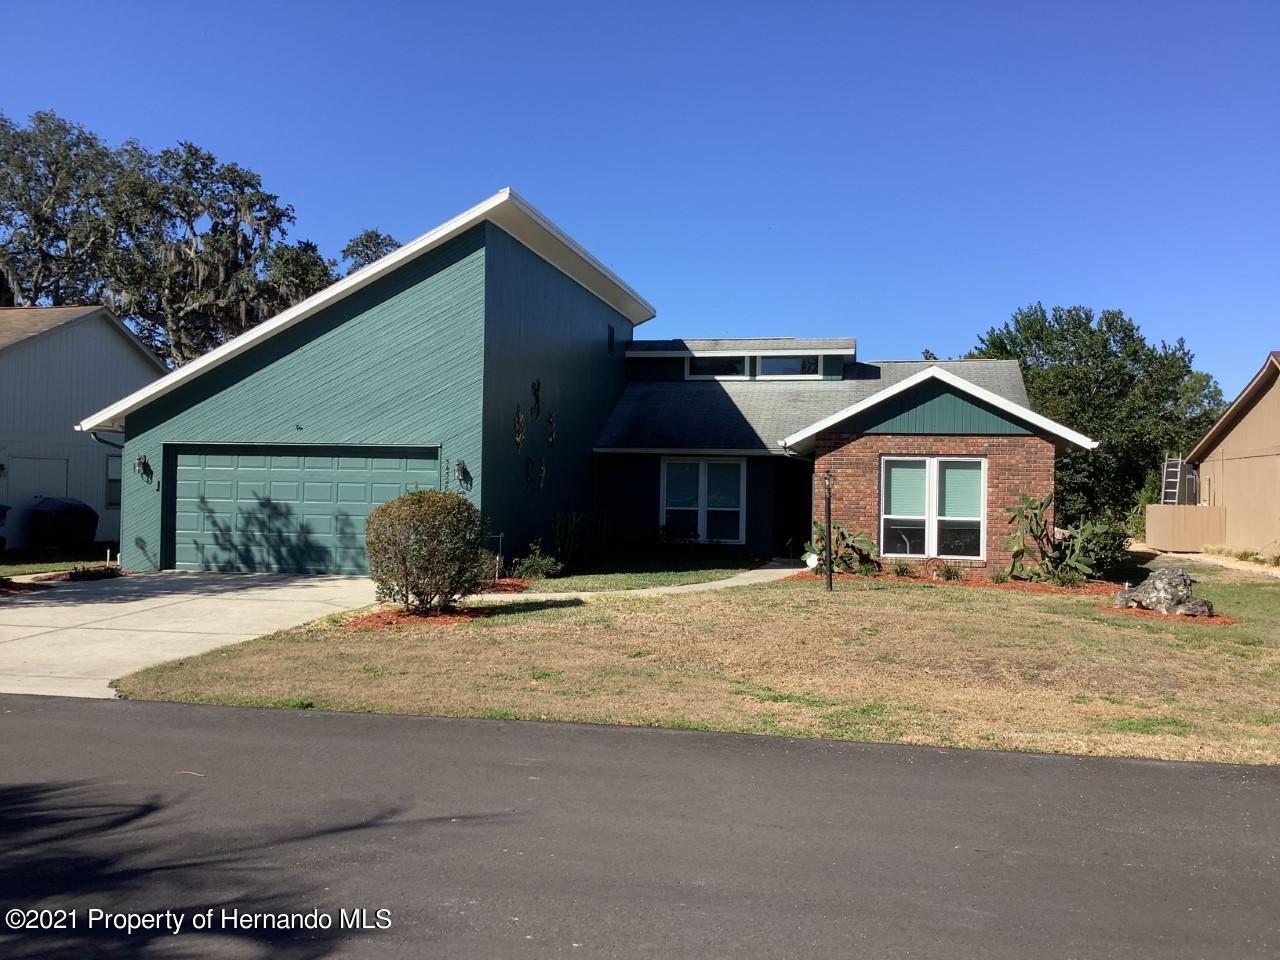 Details for 34326 Whispering Oaks Boulevard, Ridge Manor, FL 33523